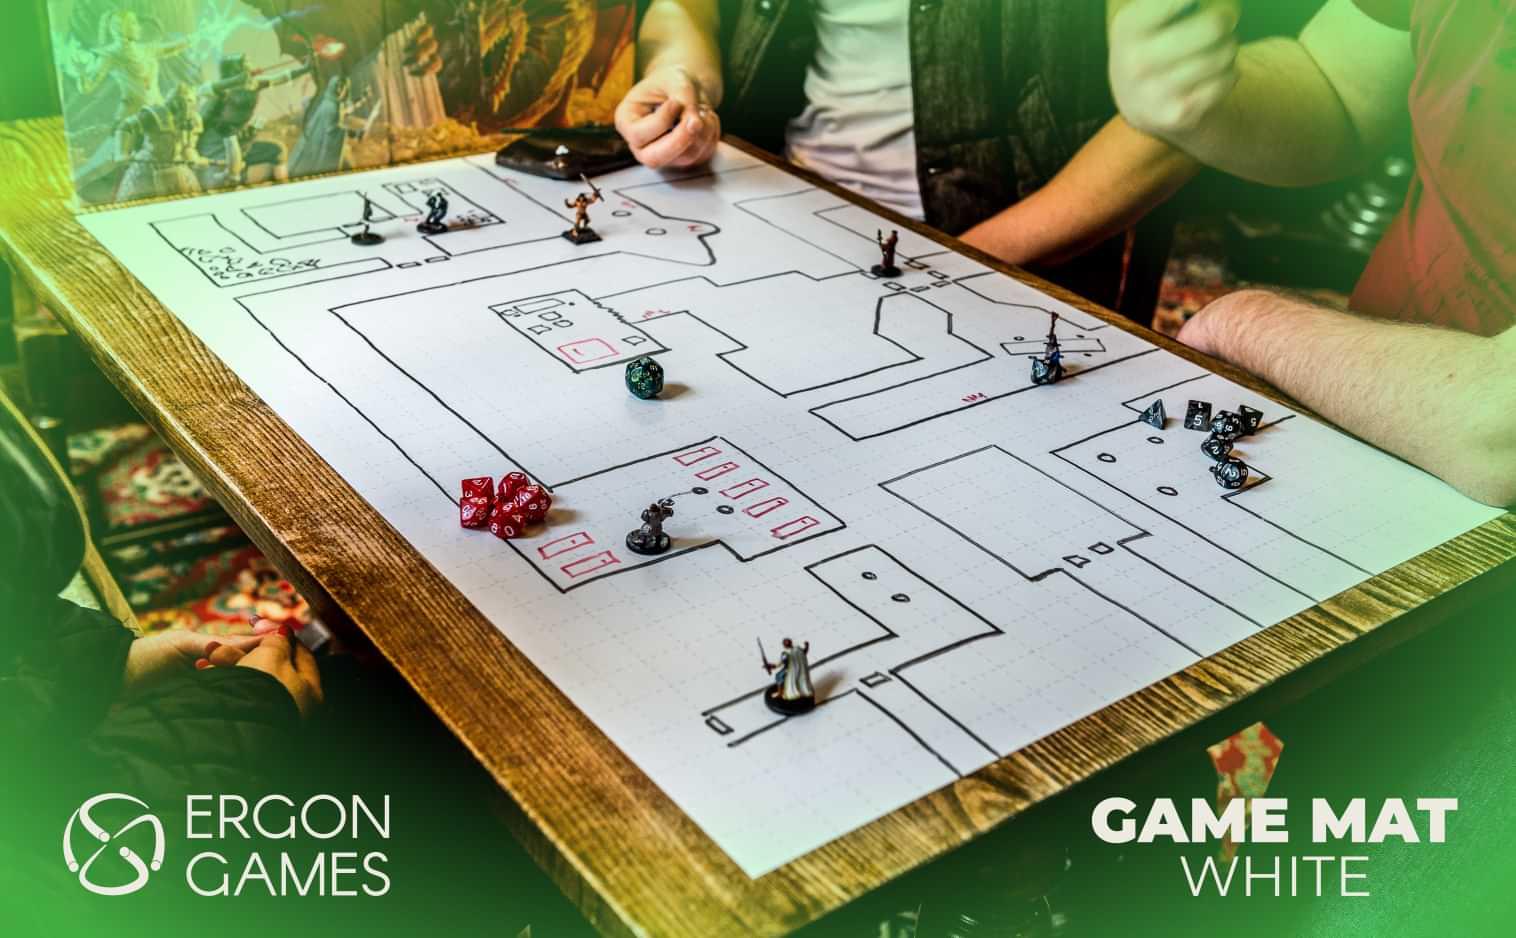 Ergon Games White Battlemat